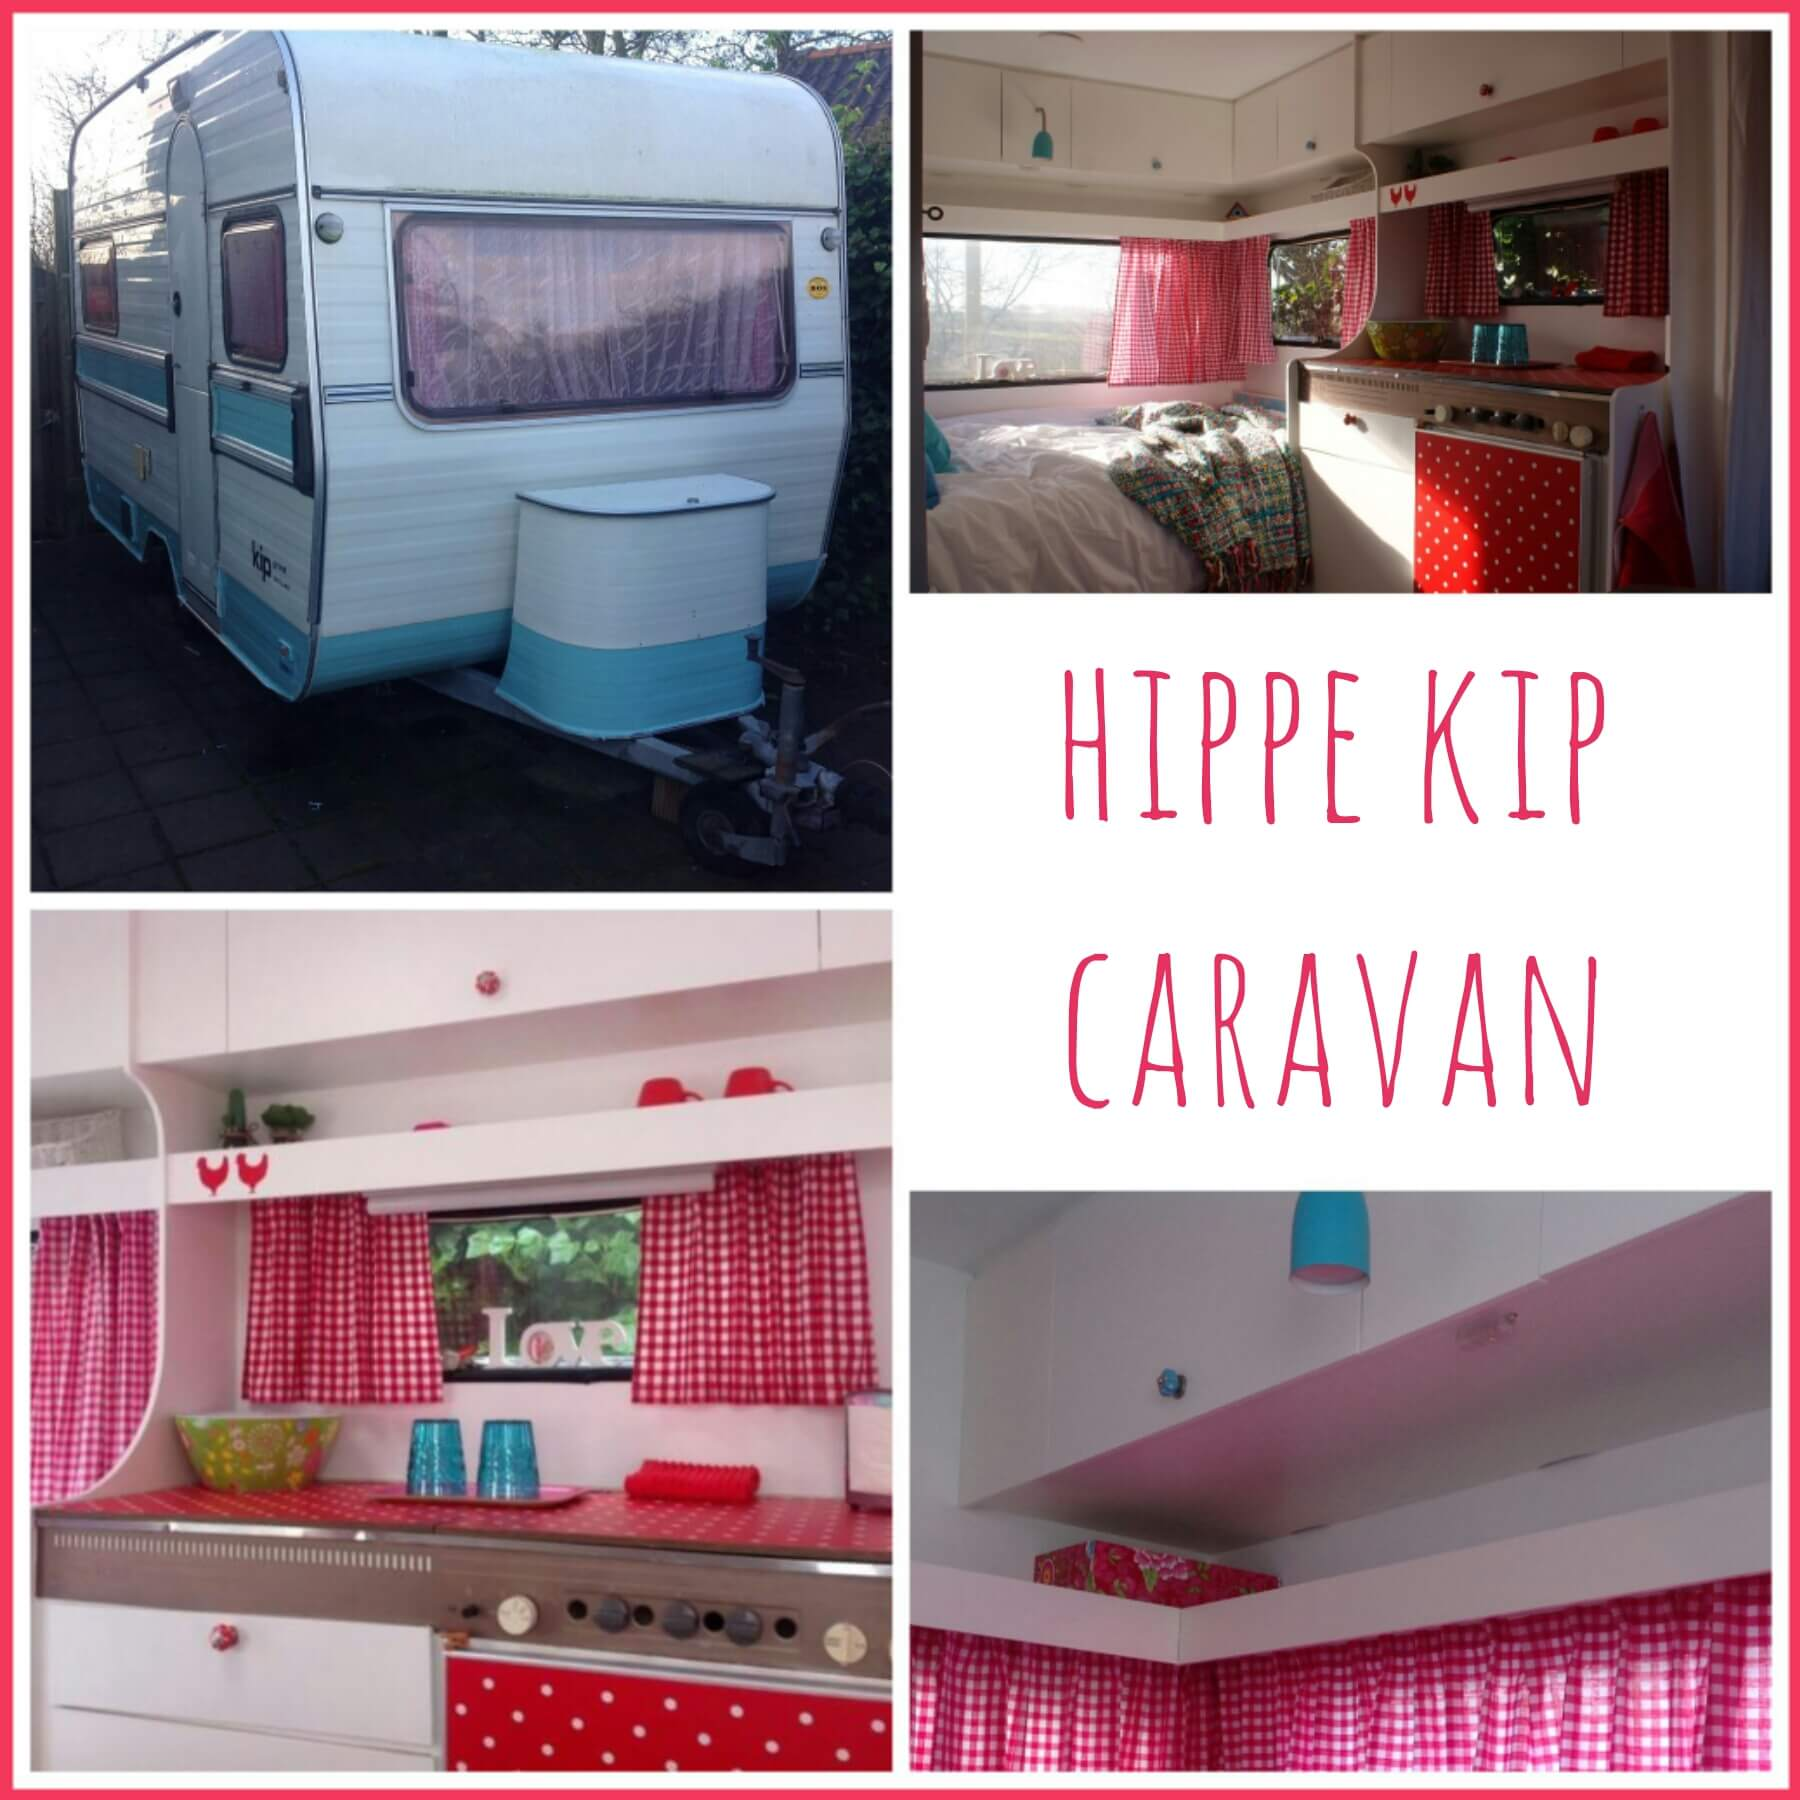 Kijk mee in de hippe Kip: met heel veel inspiratie voor een gepimpte caravan